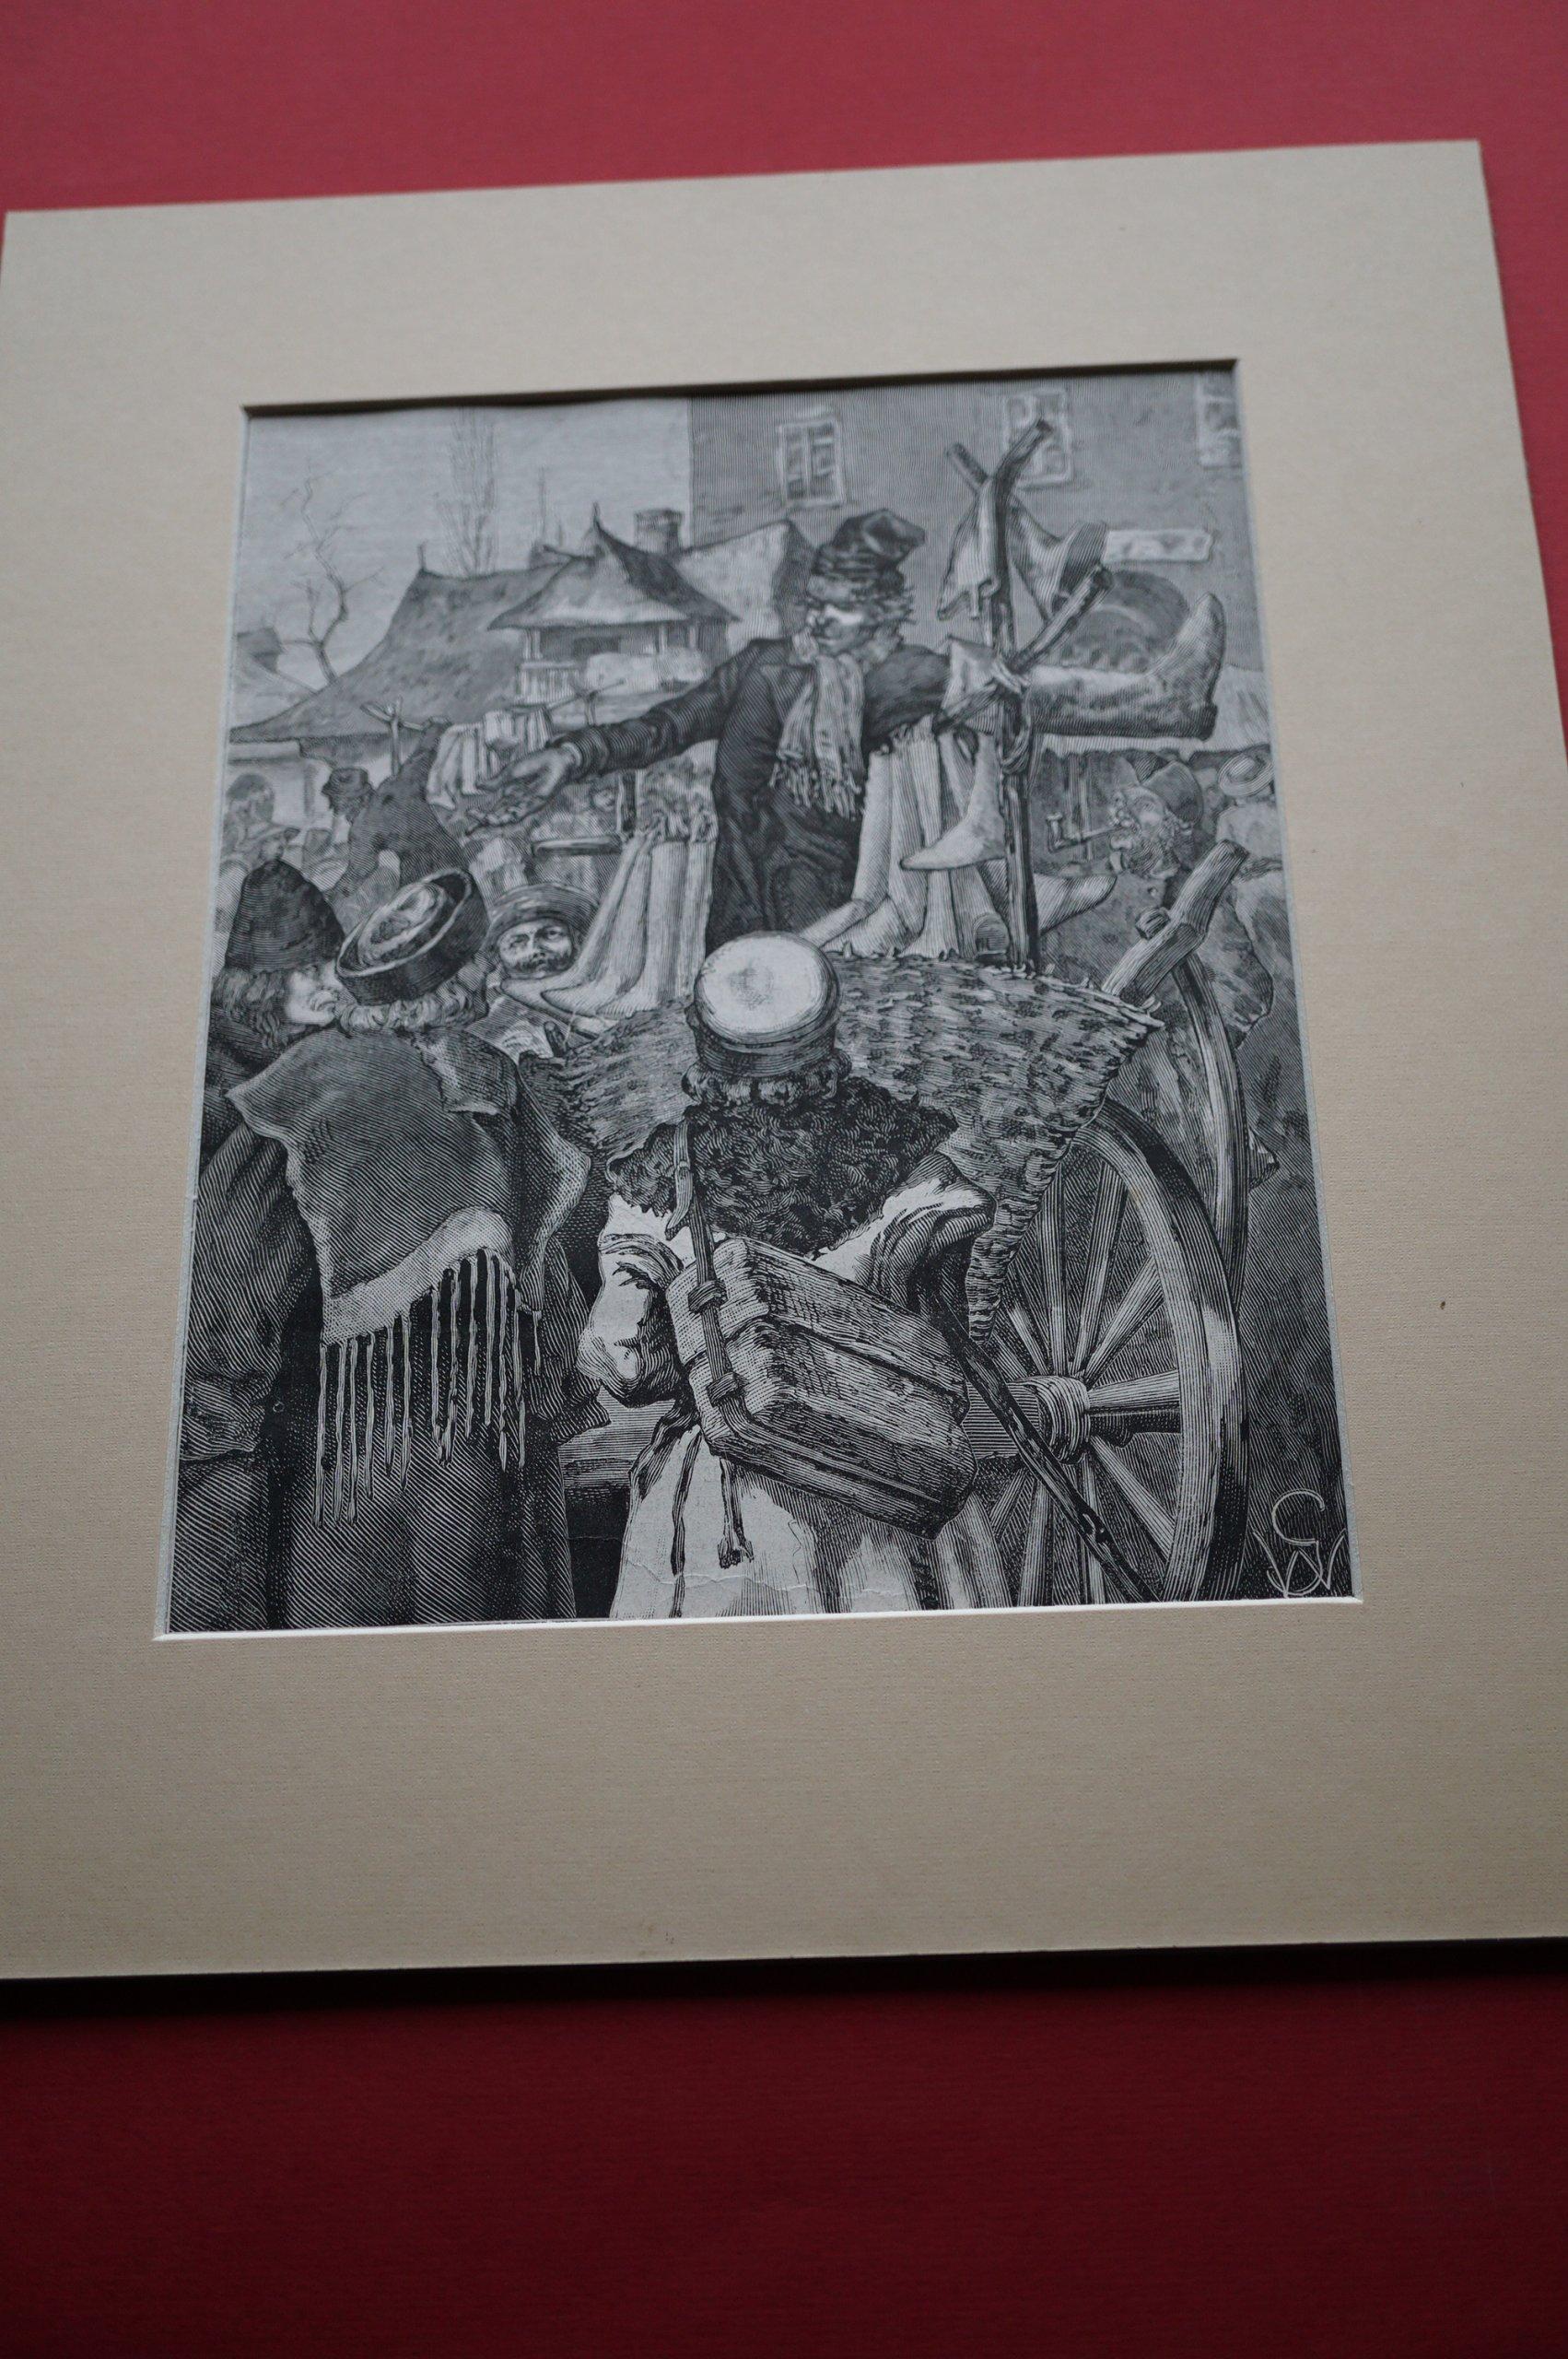 GRABOWSKI W.: Szewc na jarmarku w Galicji. 1882.